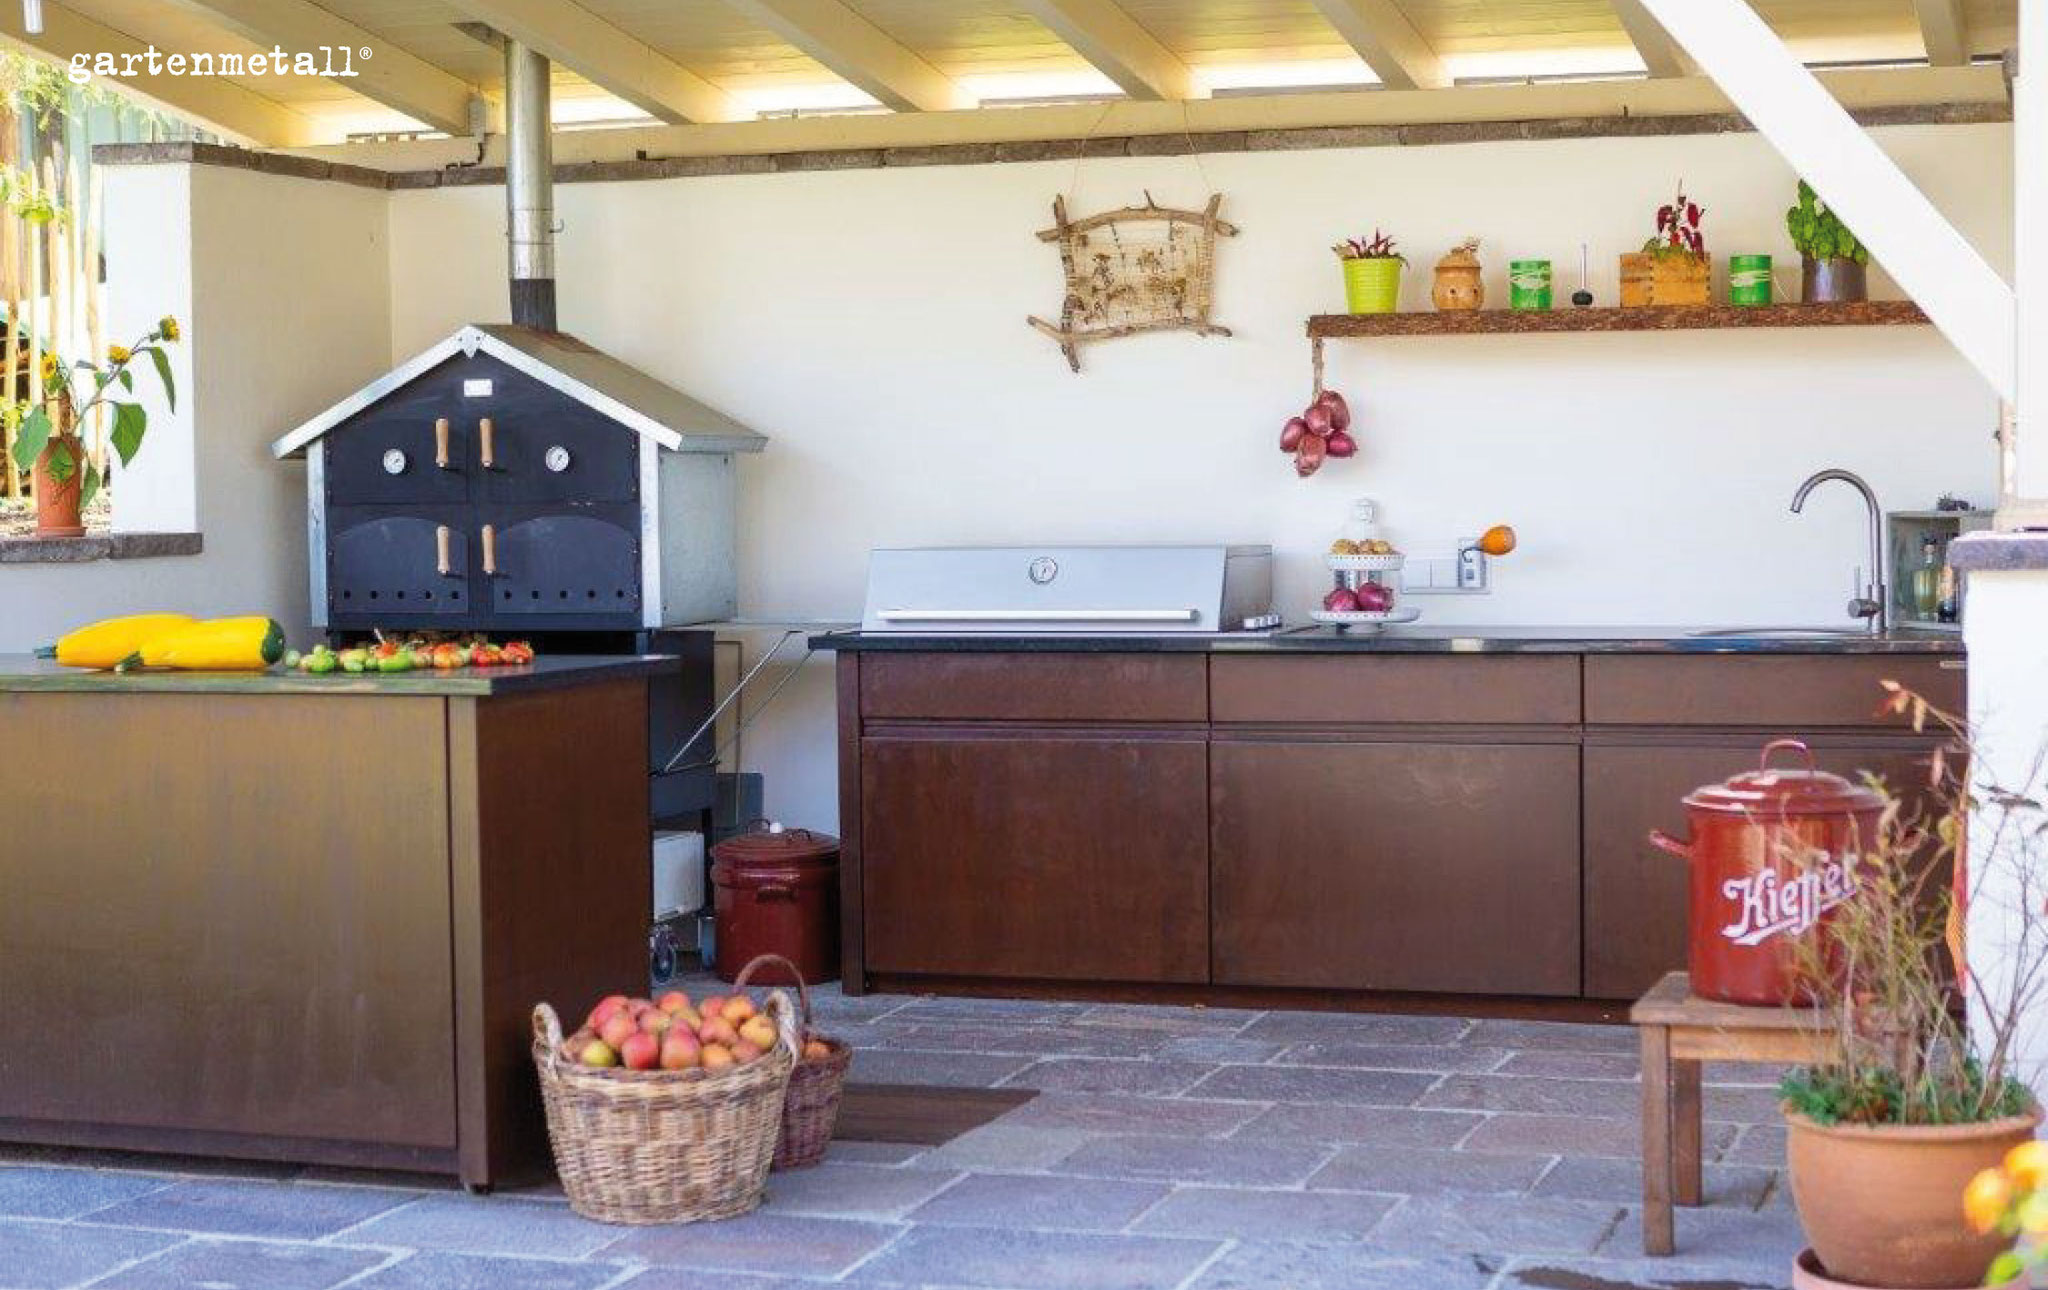 Outdoor Küche Vegetarisch : Mit einer outdoorküche genussvoll draußen kochen. Über 100 jahre